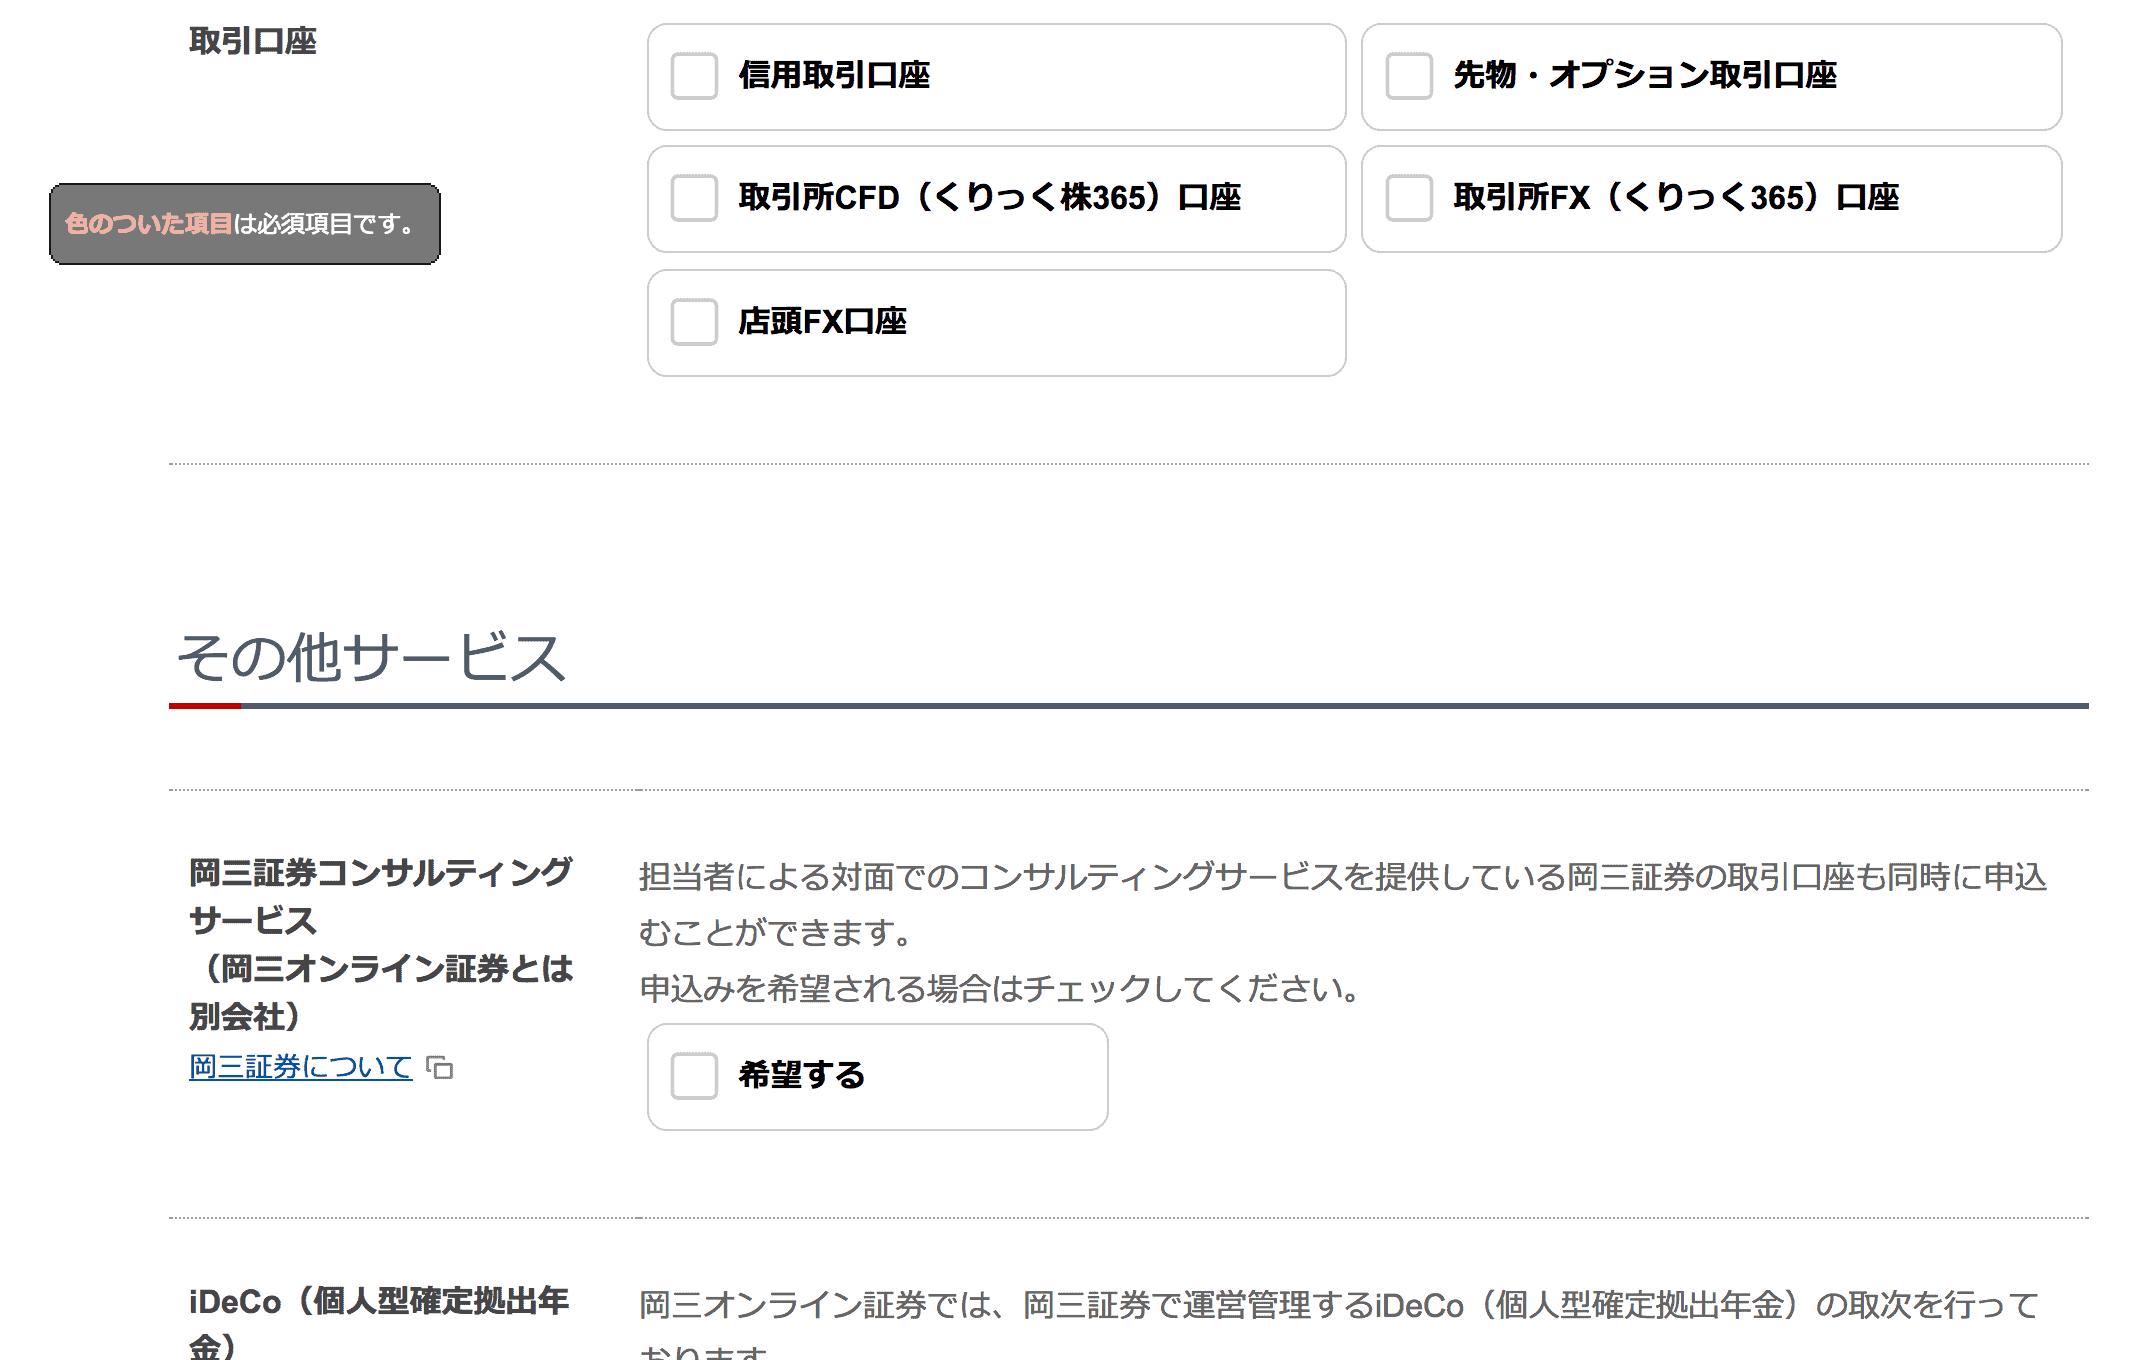 岡三オンライン証券の信用取引など口座オプションを選択